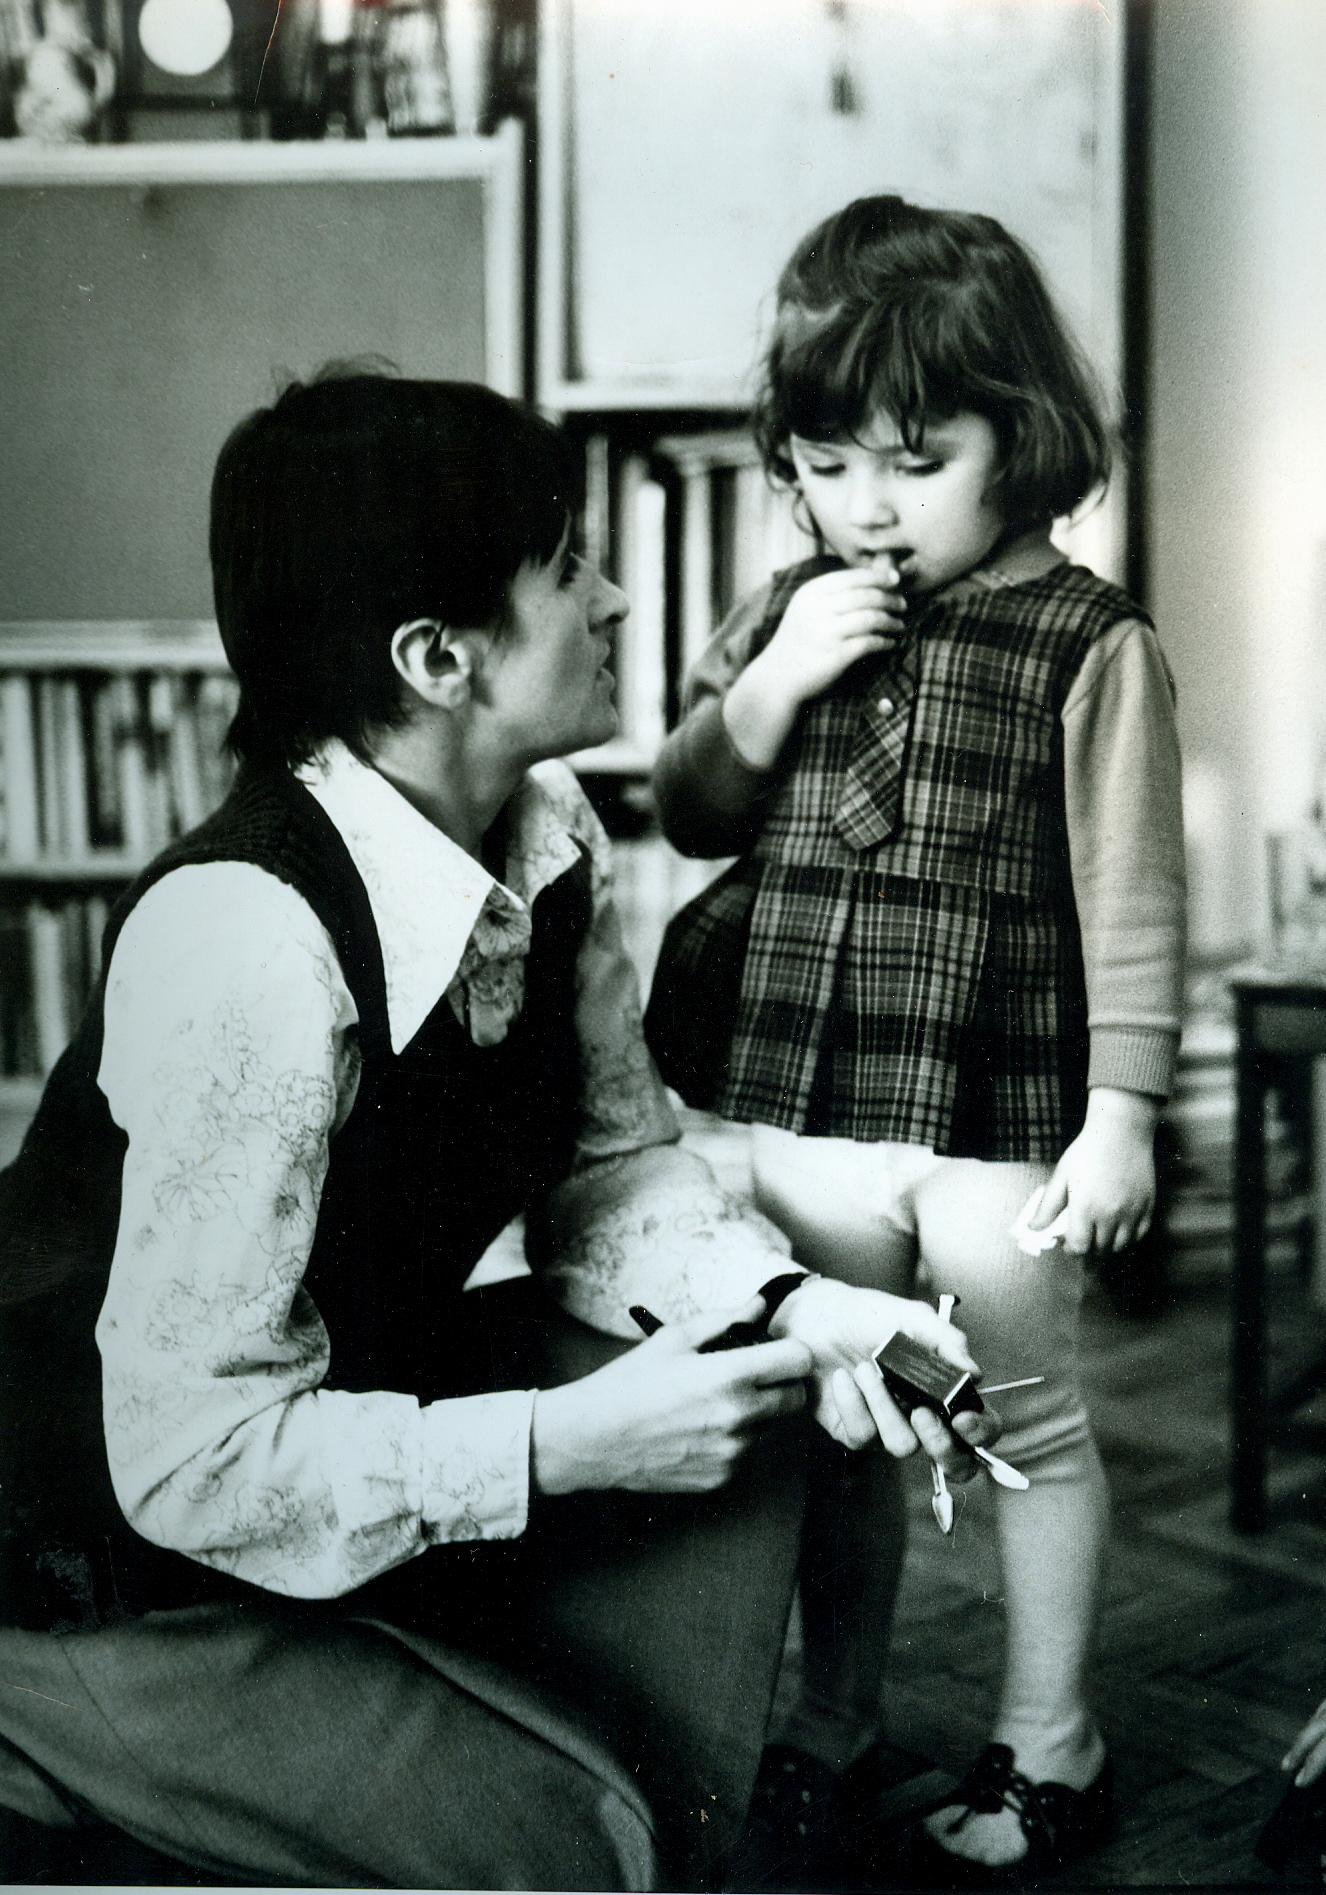 Mała Marianka z mamą, 1974. fot. archiwum prywatne Marianny Syrokomskiej